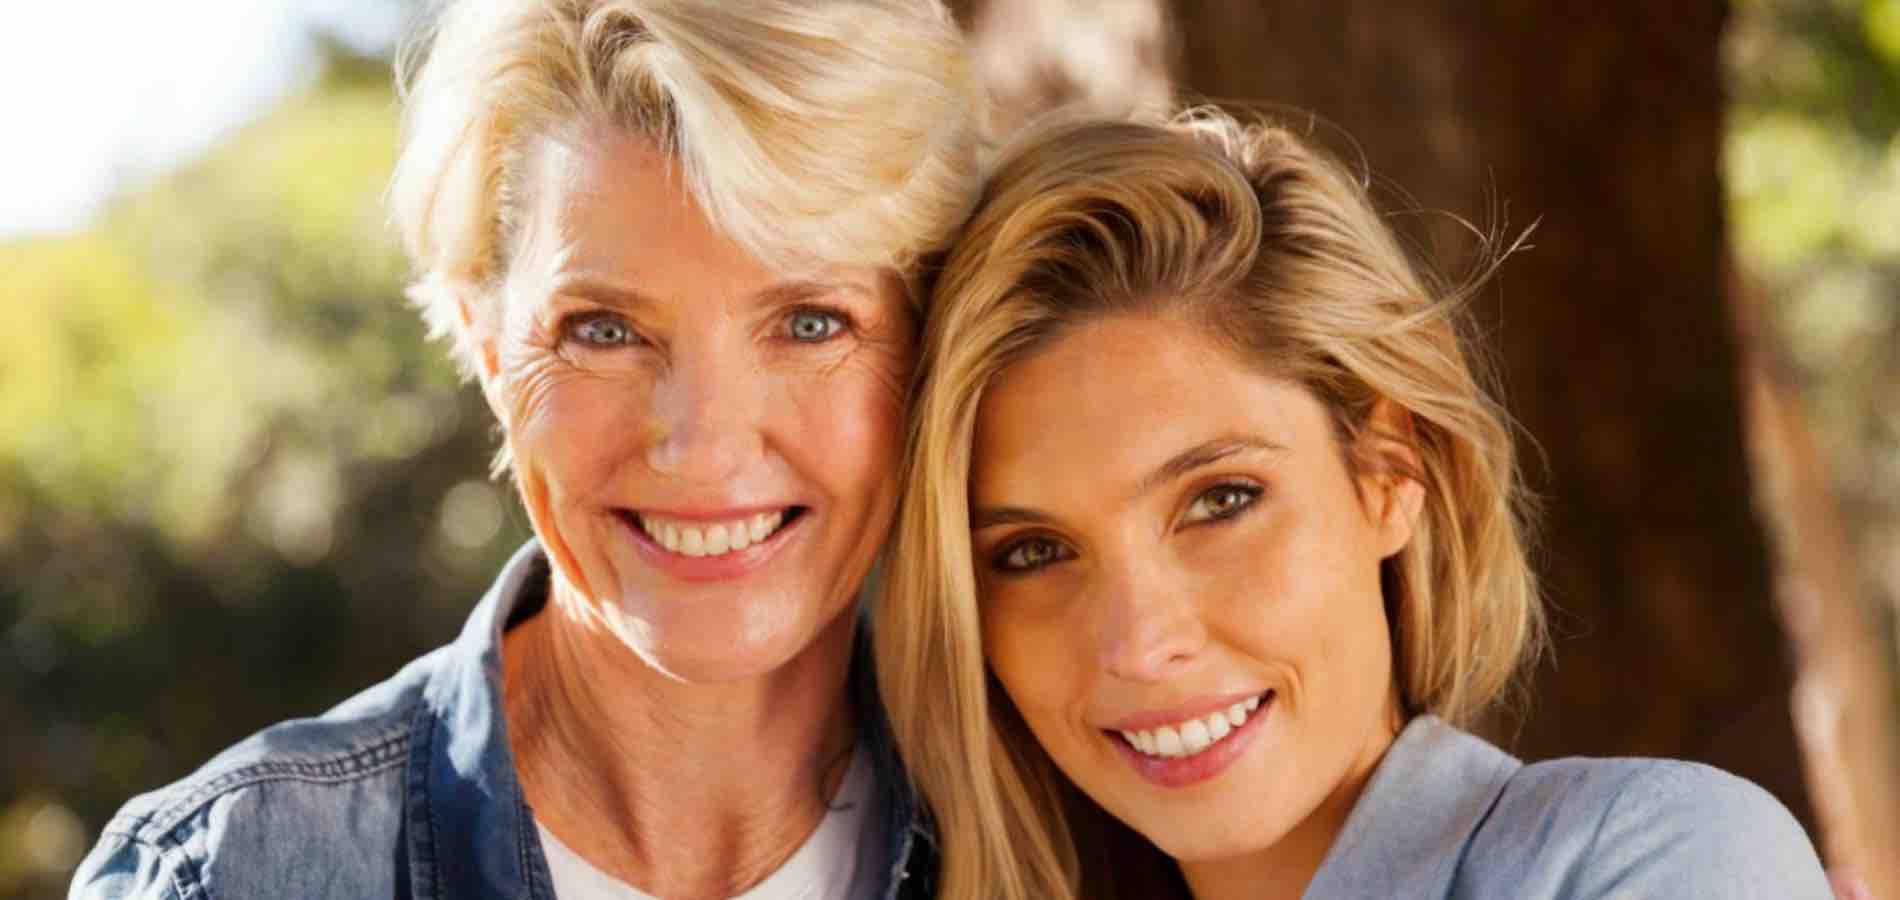 confiance en soi : vieillir en toute sérénité